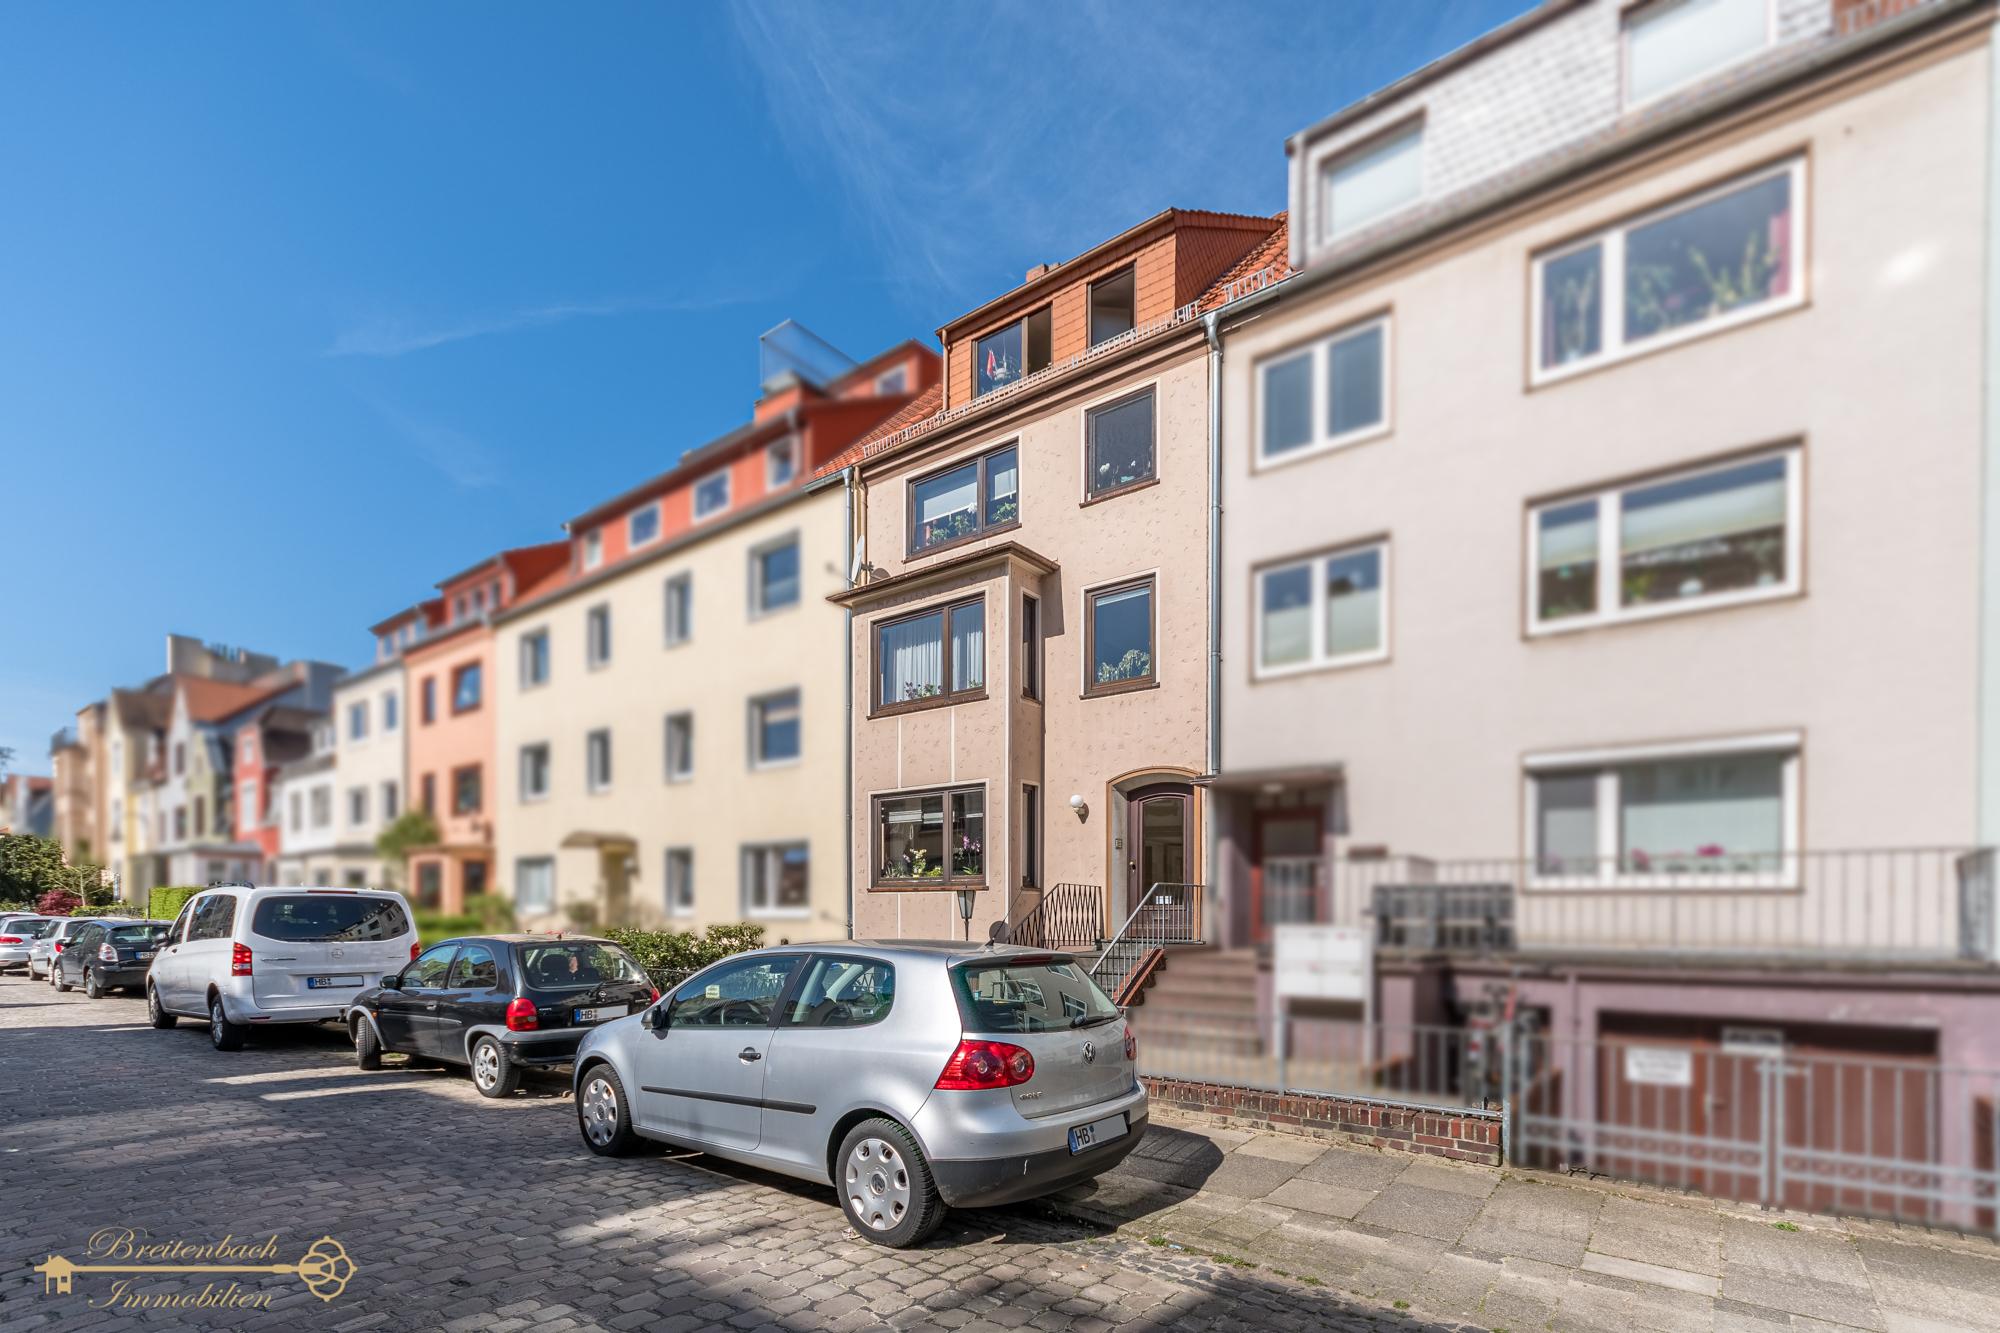 2020-04-18-Breitenbach-Immobilien-28